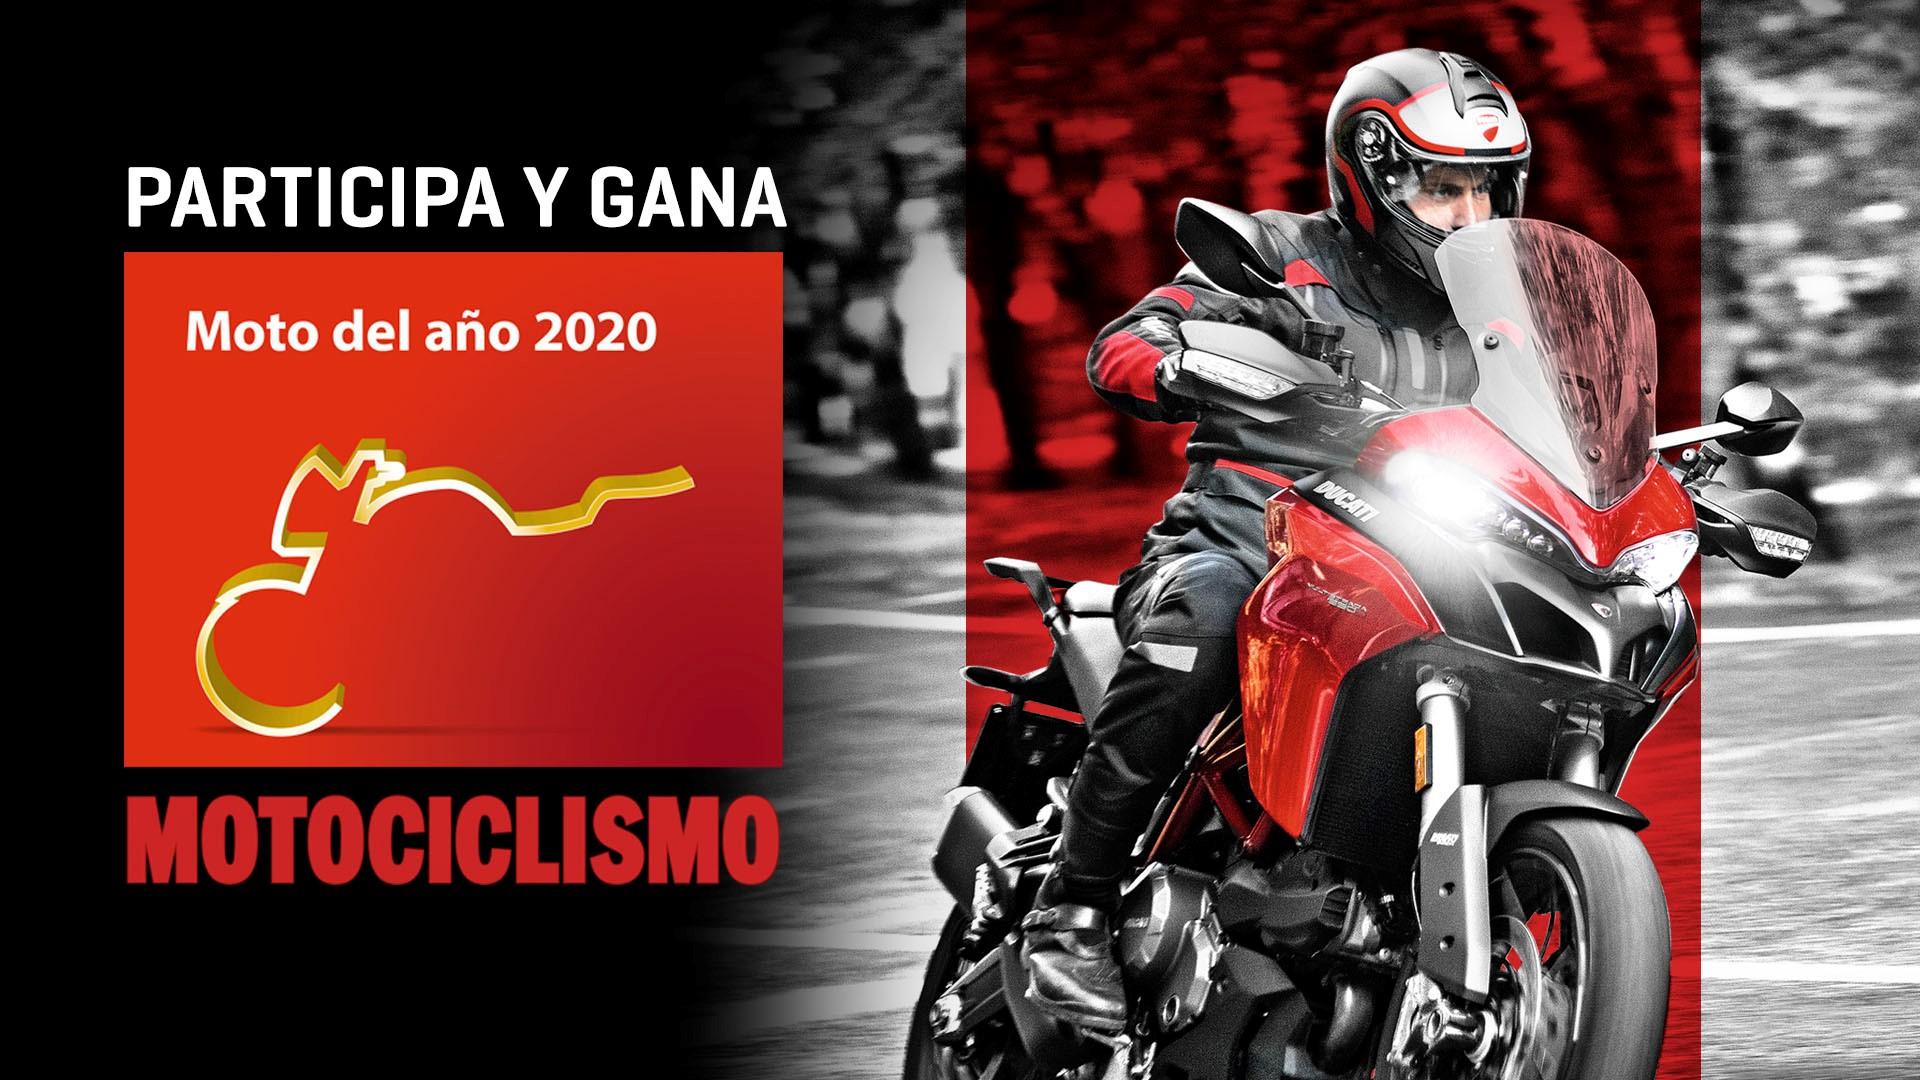 ¡Últimos días para participar en La Moto del Año 2020!